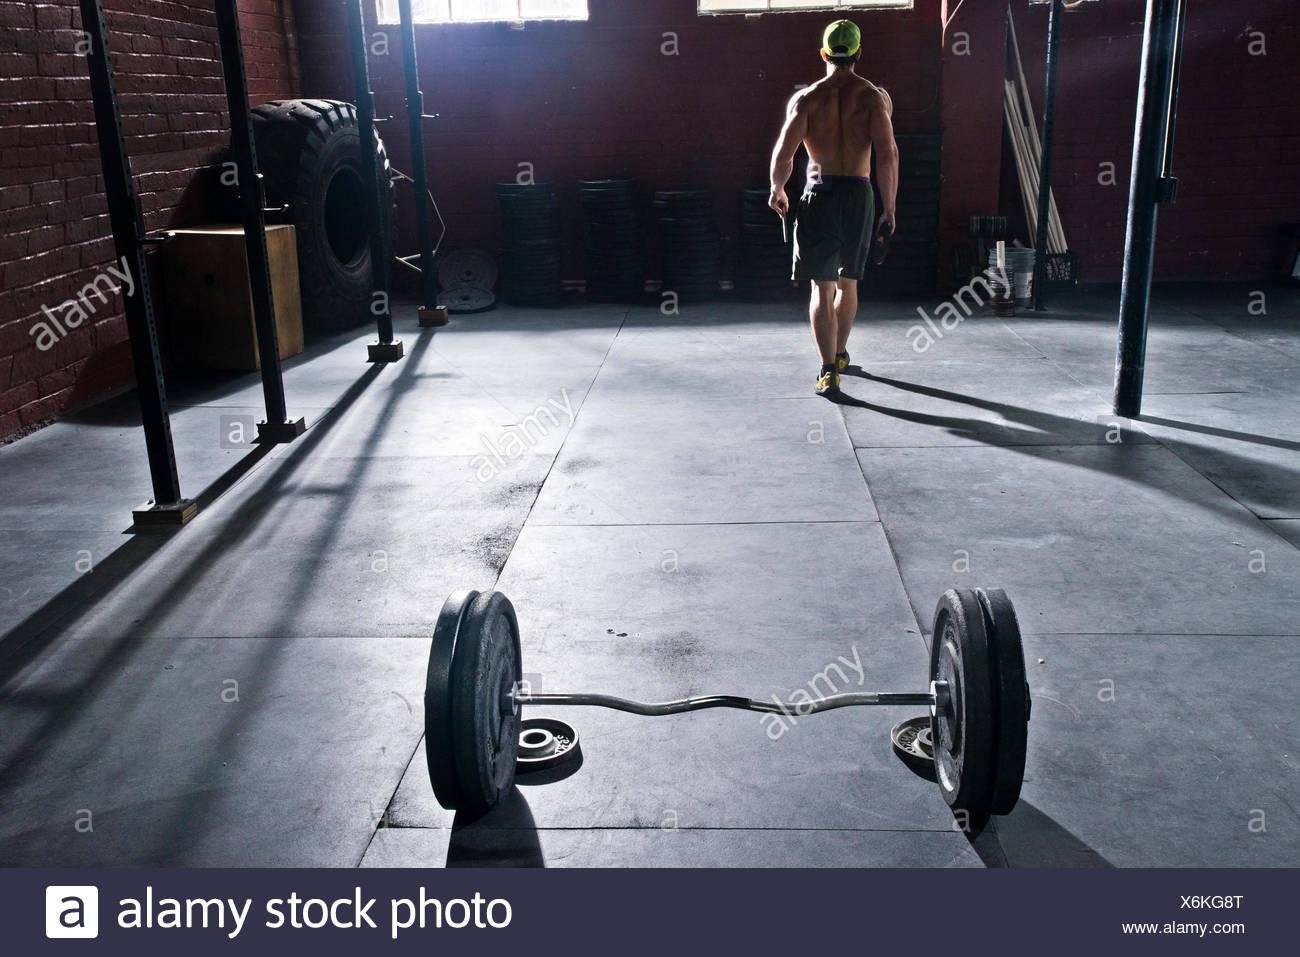 Un atleta crossfit racks su peso después de trabajar. Imagen De Stock